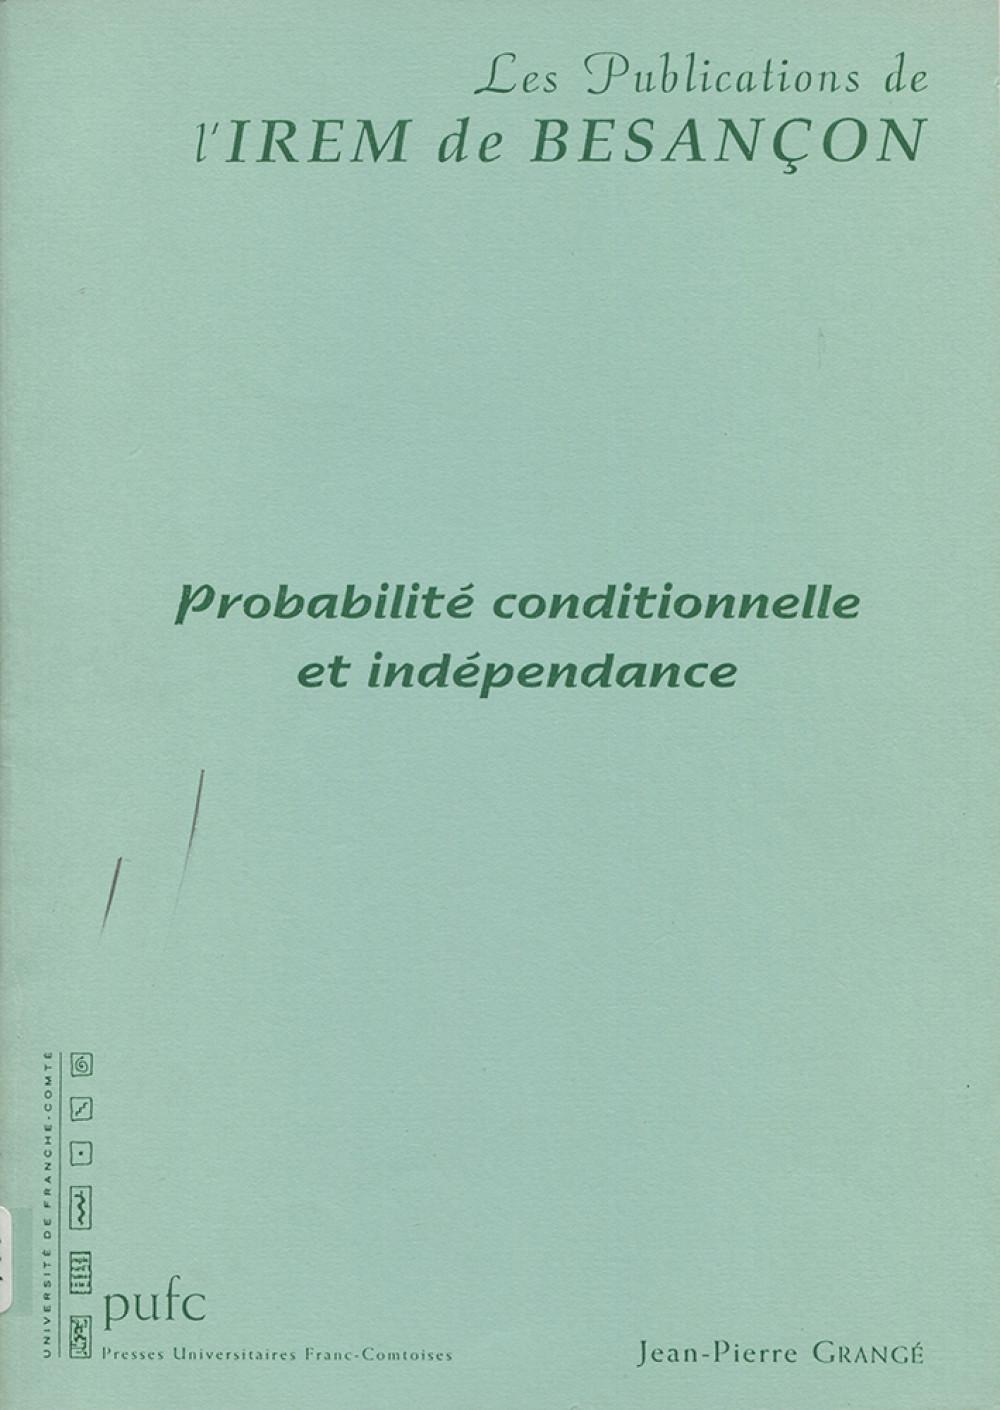 Probabilité conditionnelle et indépendance